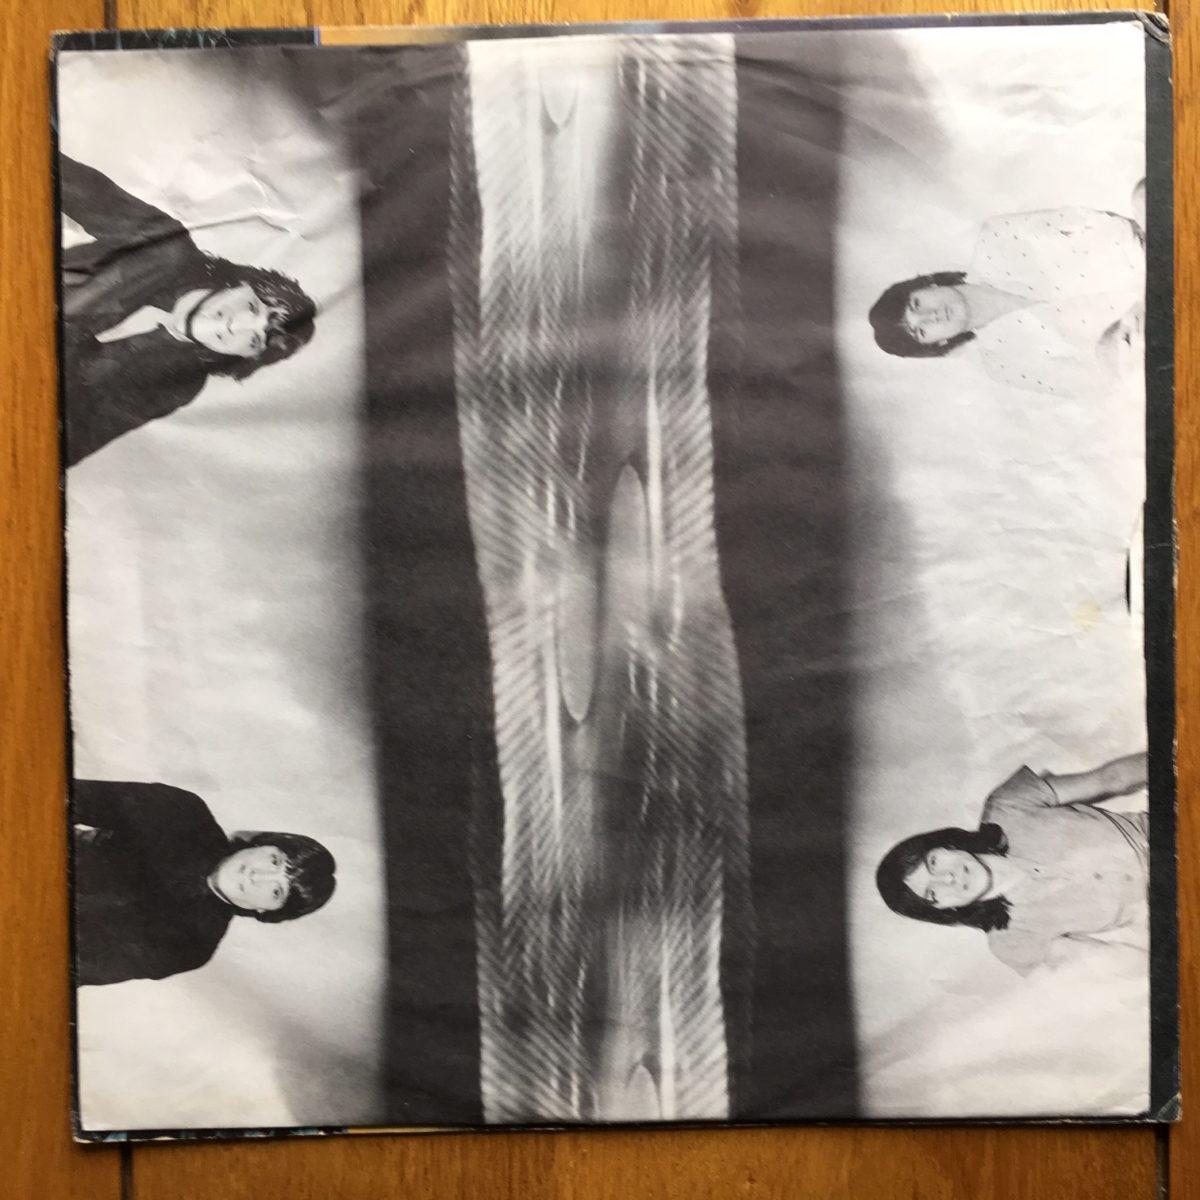 Asia's first album – 378